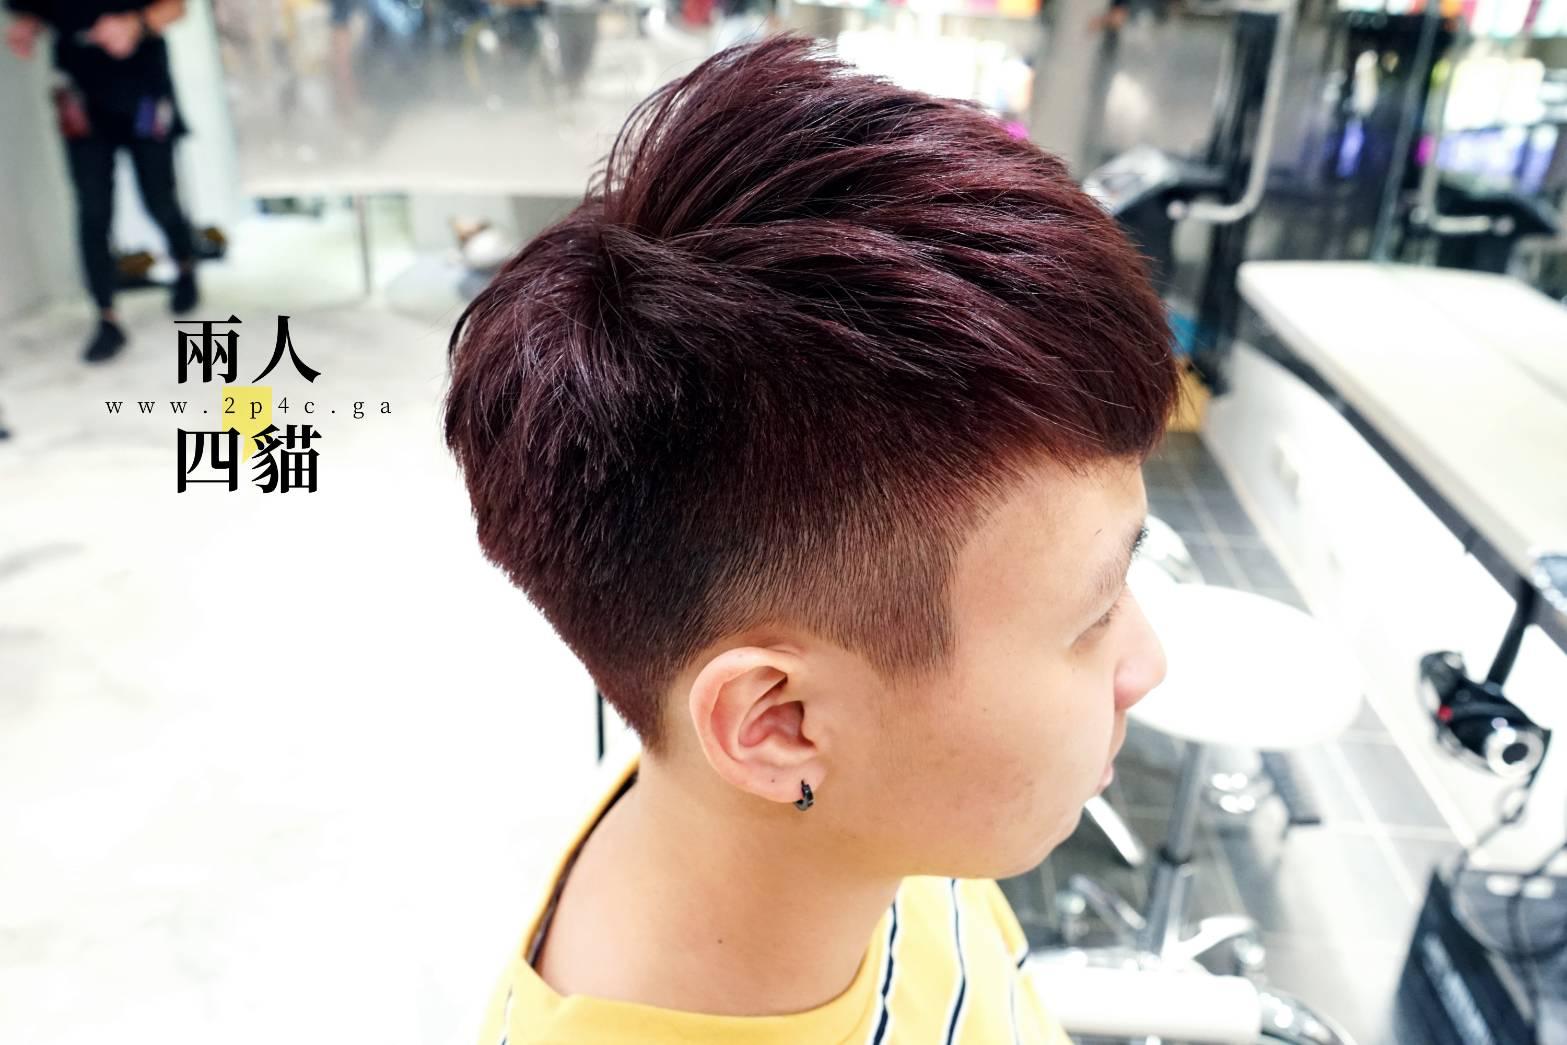 【新竹|美髮】染一個新髮色迎接夏天!【Glitz Hair 新竹店】開幕期間 燙髮 / 燙髮 / 燙髮  《 7折!》